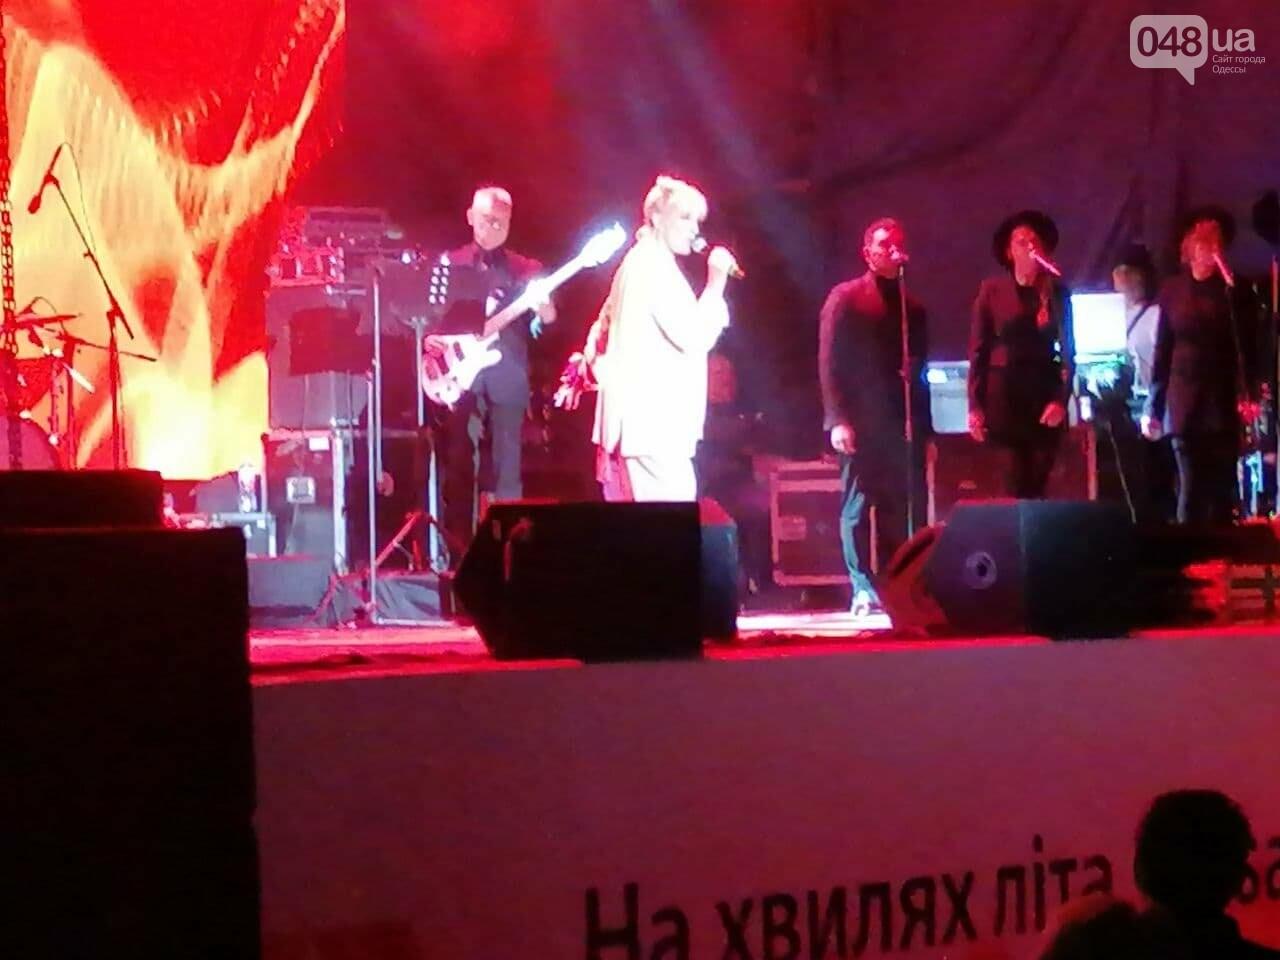 Лайма Вайкуле в Одессе рассказала, сколько килограммов набрала во время карантина, - ФОТО, ВИДЕО, фото-2